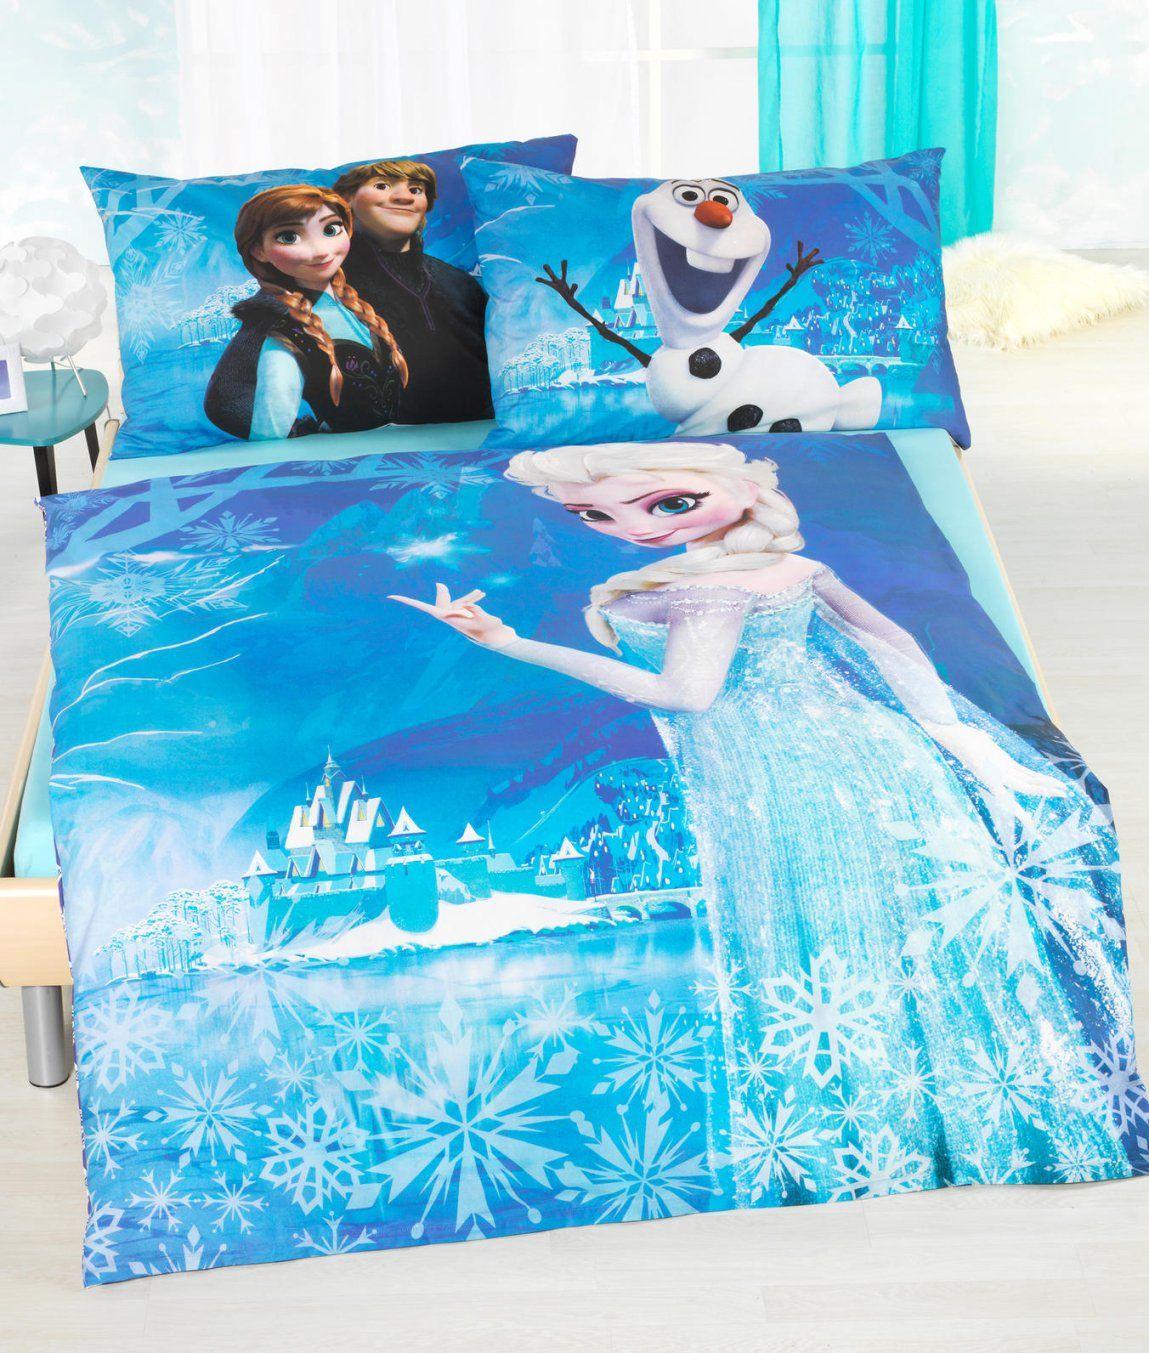 Kinderbettwäsche Garnitur Frozen Kaufen  Angela Bruderer Onlineshop von Eiskönigin Bettwäsche Aldi Bild